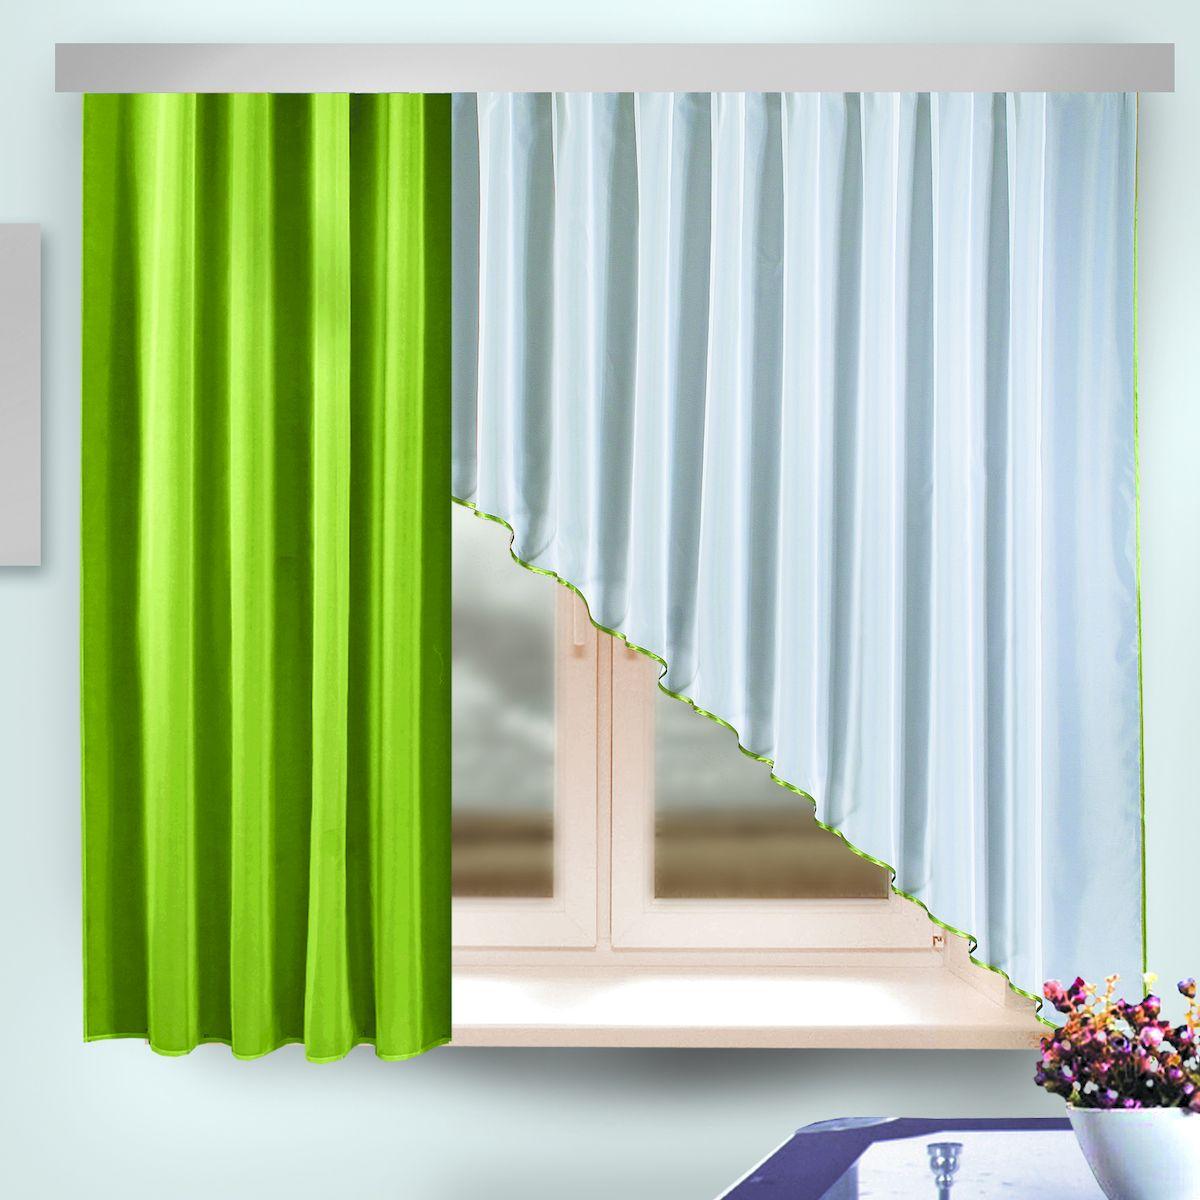 Комплект штор Zlata Korunka, на ленте, цвет: зеленый, белый, высота 170 см. 333314VCA-00Комплект штор Zlata Korunka, выполненный из полиэстера, великолепно украсит любое окно. Комплект состоит из шторы и ламбрекена. Изящная форма и приятная цветовая гамма привлекут к себе внимание и органично впишутся в интерьер помещения. Этот комплект будет долгое время радовать вас и вашу семью!Комплект крепится на карниз при помощи ленты, которая поможет красиво и равномерно задрапировать верх.В комплект входит: Ламбрекен: 1 шт. Размер (Ш х В): 95 см х 170 см. Штора: 1 шт. Размер (Ш х В): 290 см х 170 см.